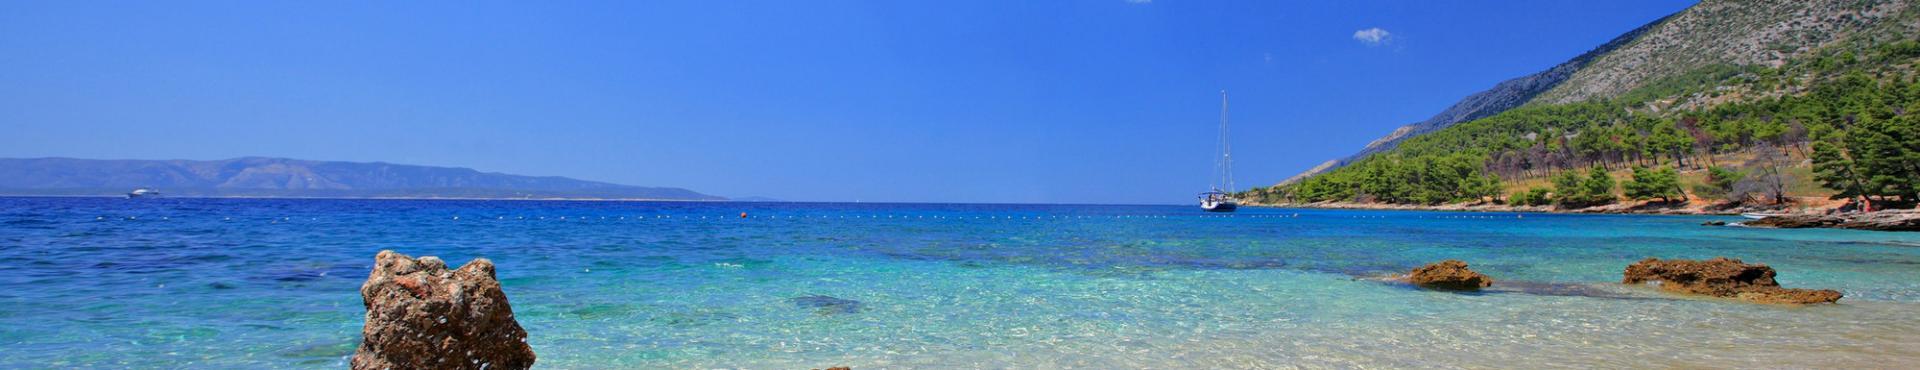 Adriatique sud